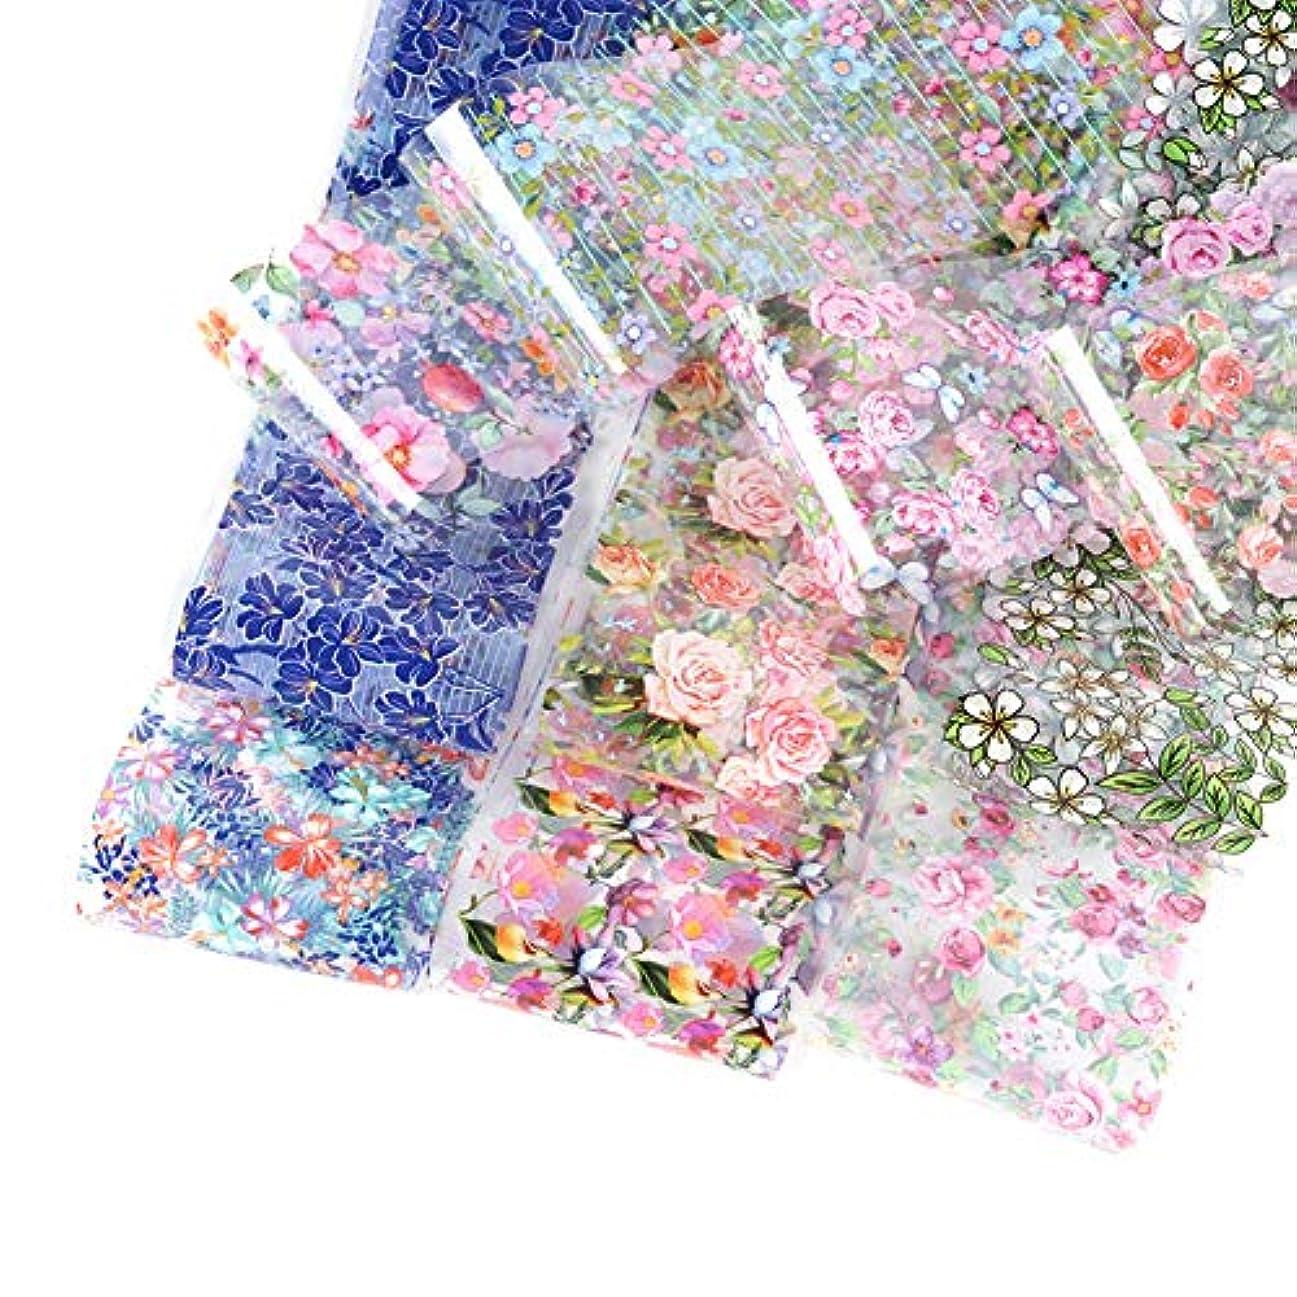 注釈クランシーサンドイッチRadiya ネイルシール ネイルステッカー 星空ネイル シェル 花柄ネイルホイル 水彩の花 転写ホイル 箔紙 シェルプリント 極薄フィルム 10枚セット